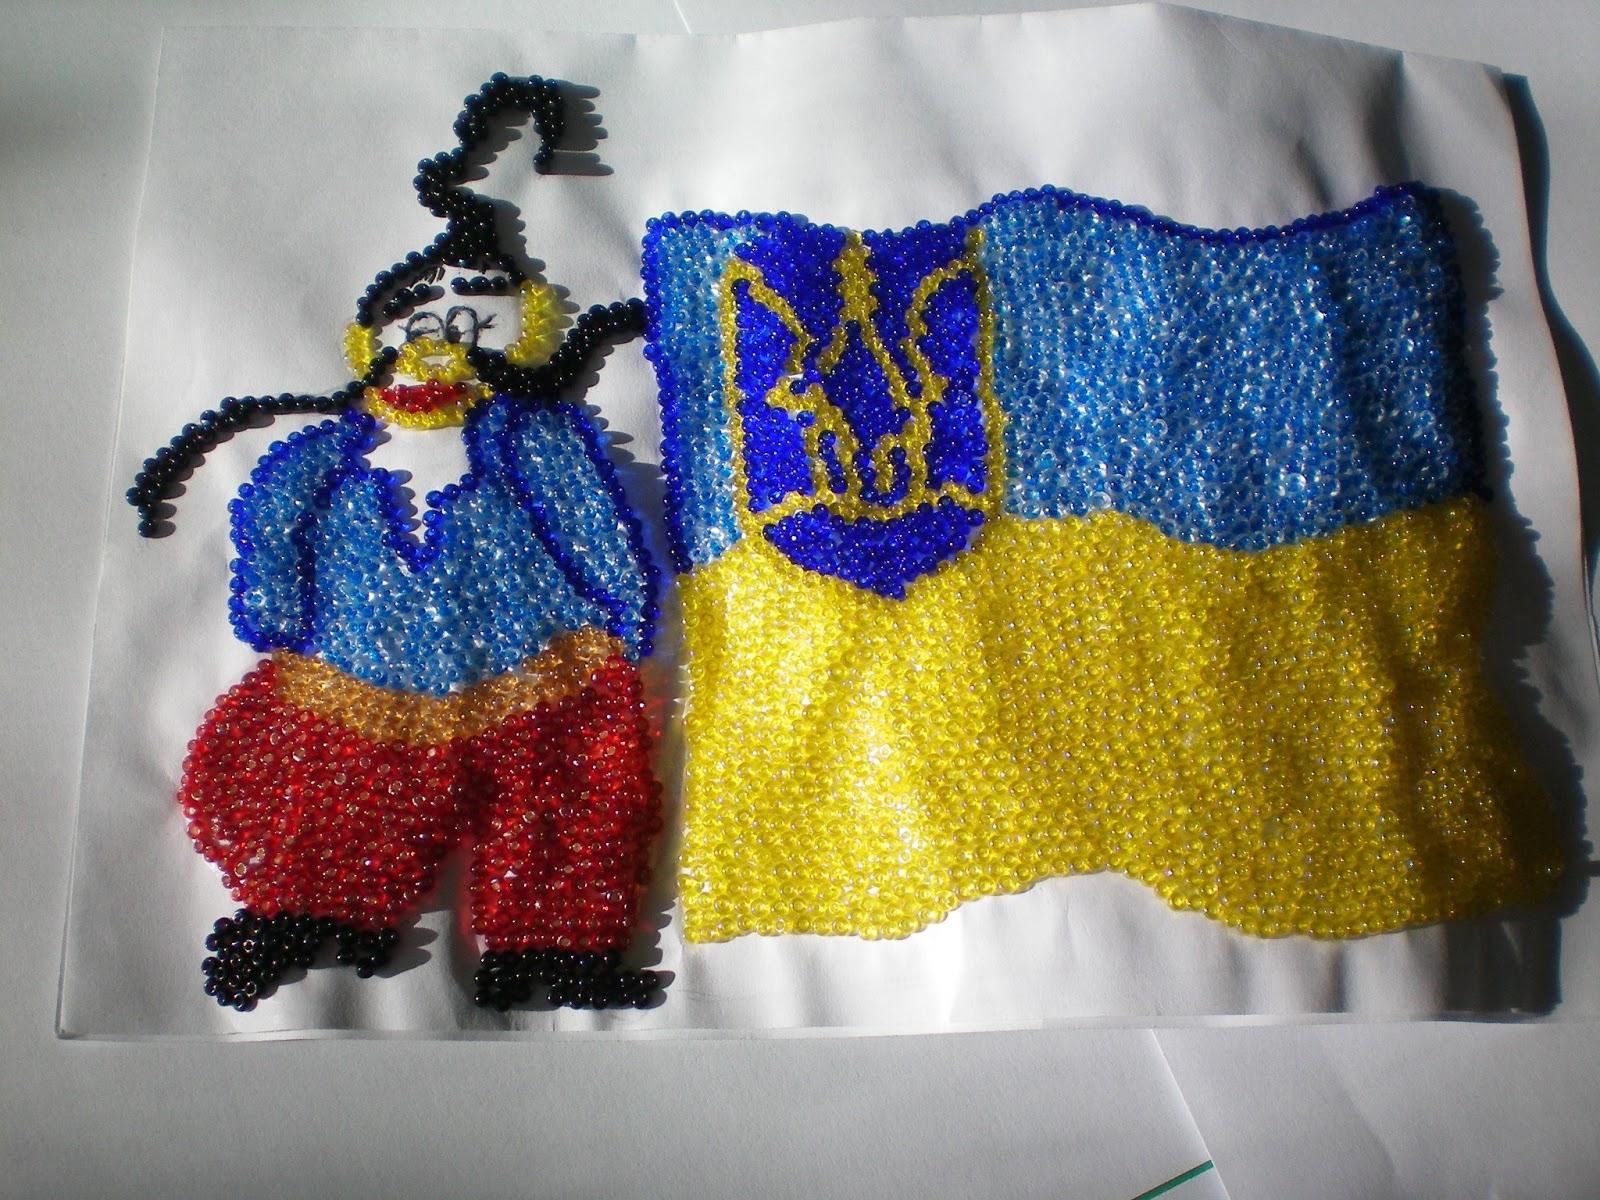 Самый большой флаг Украины из пасок создали в Днепре - Цензор.НЕТ 9317